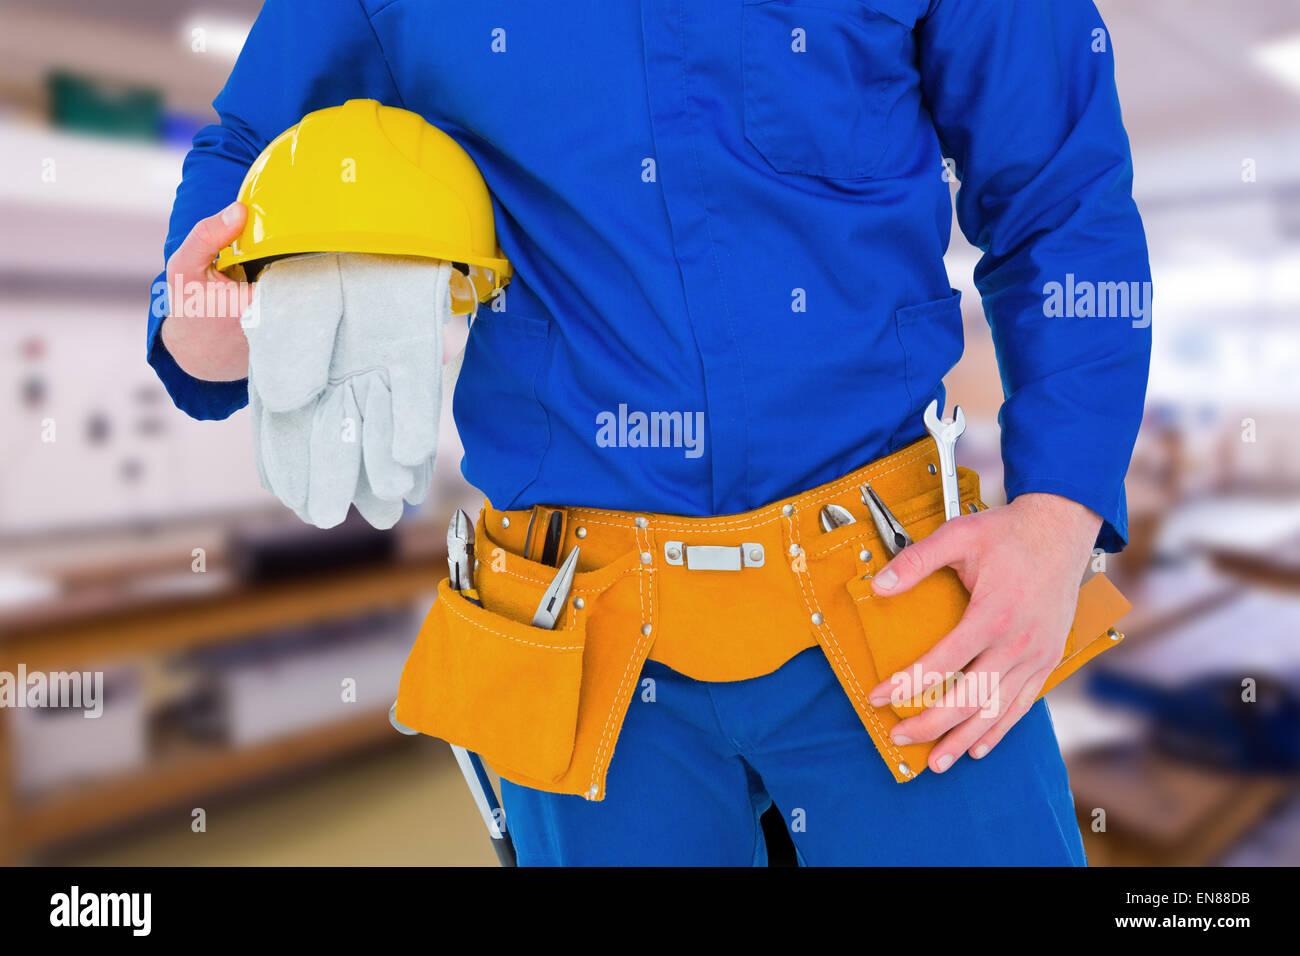 Immagine composita di tuttofare holding casco Immagini Stock